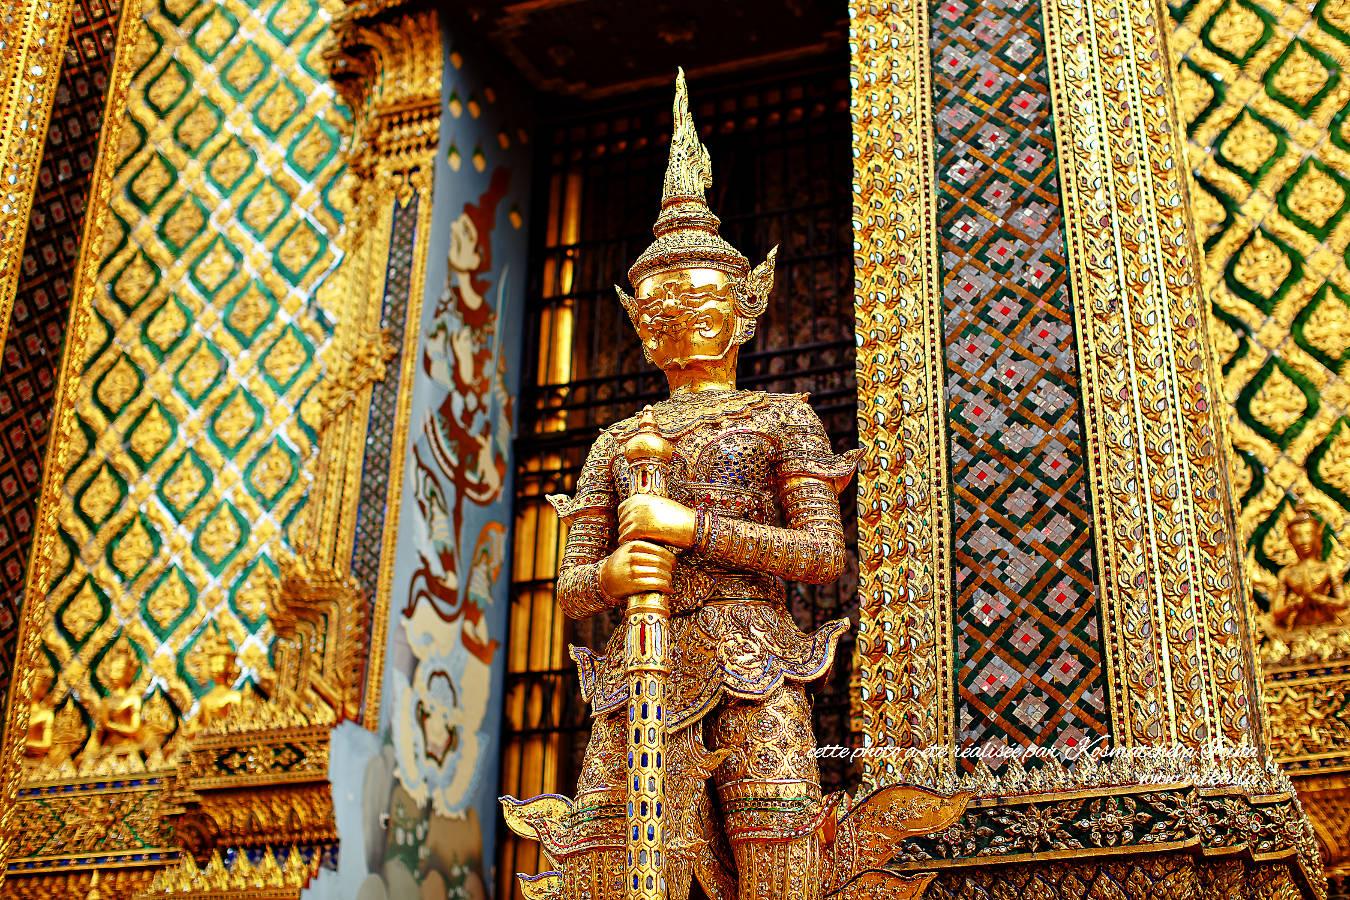 Entre les colonnes en mosaïques